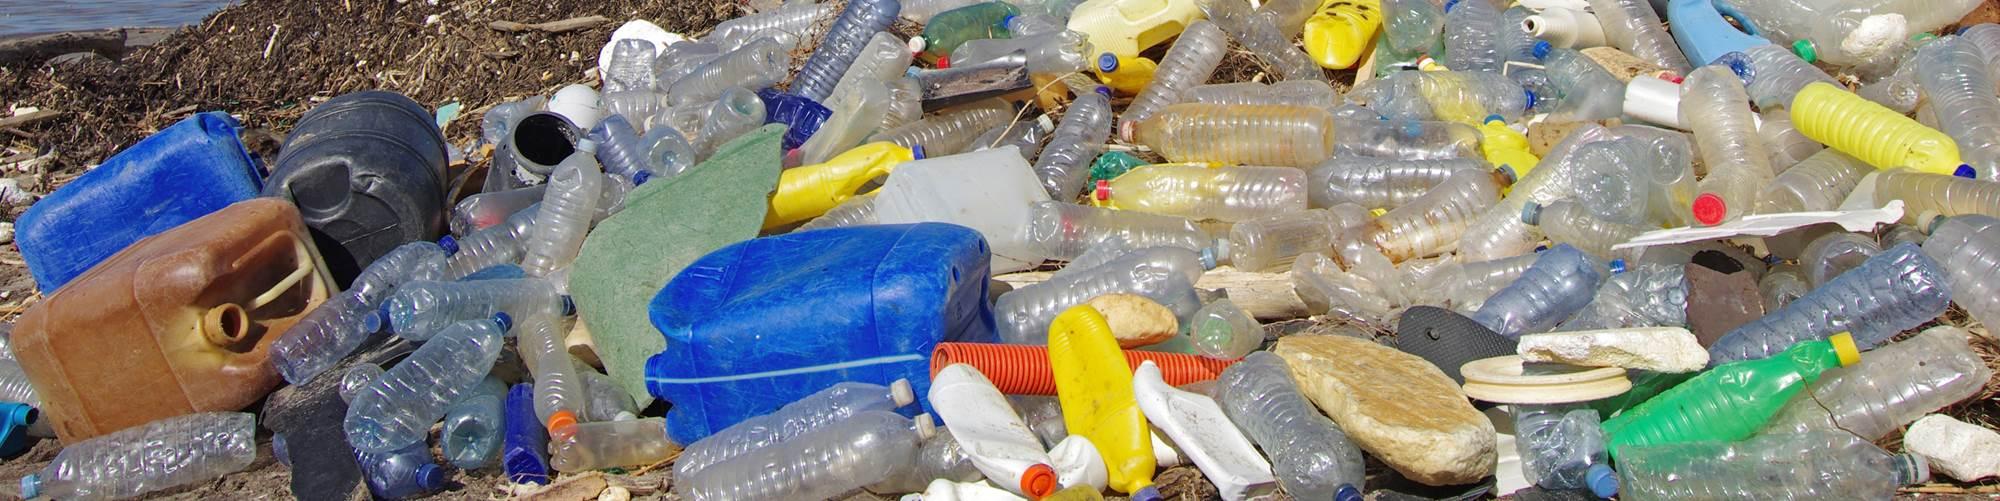 La gestión adecuada de todos los residuos, no solo los plásticos, permitirá que las personas de todo el mundo sigan disfrutando de los beneficios de este material, comentóTony Radoszewski, presidente y director ejecutivo de PLASTICS.